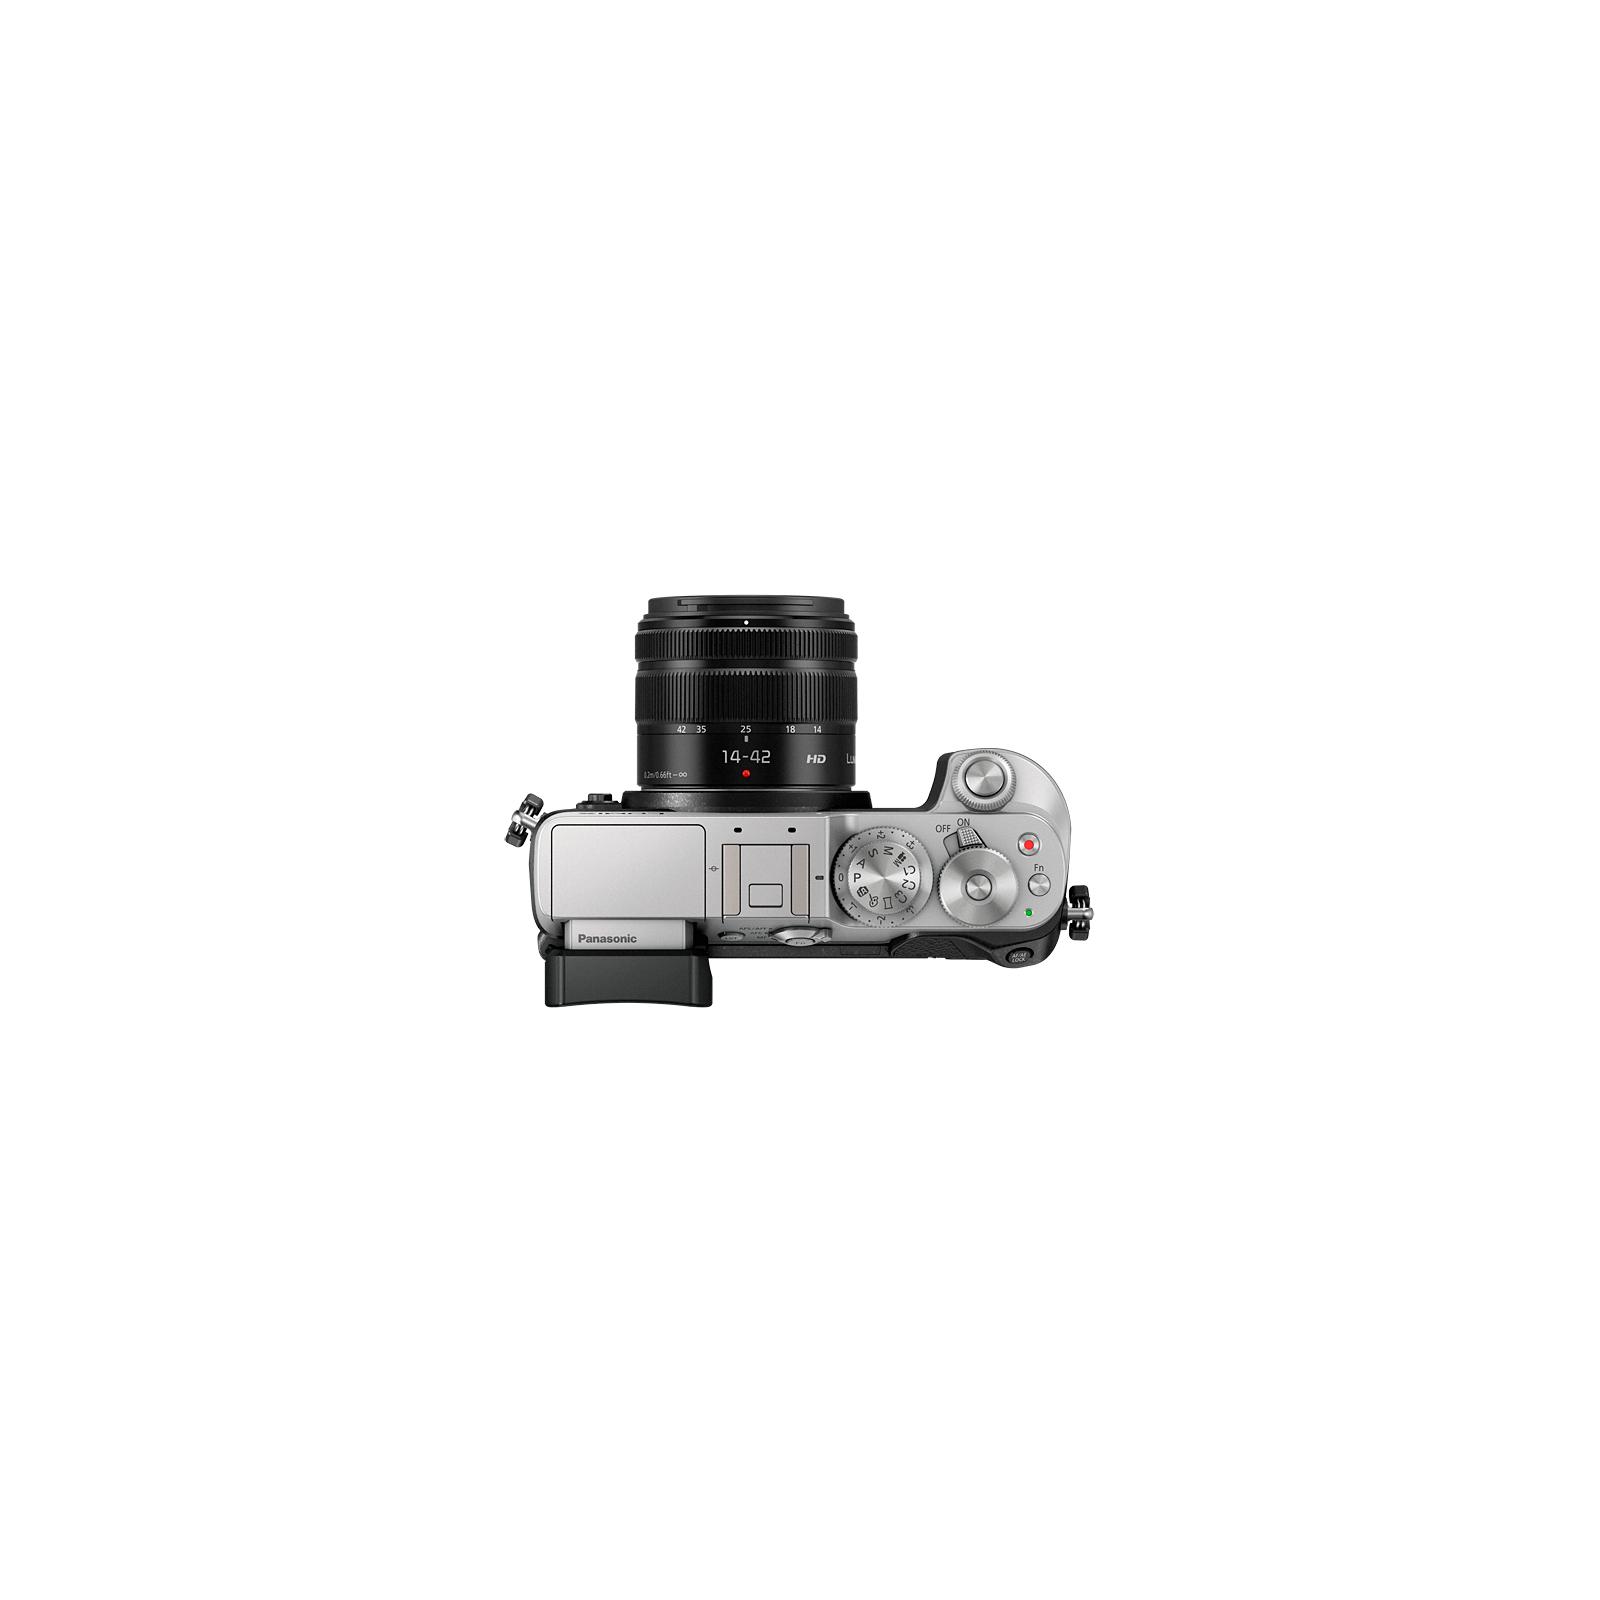 Цифровой фотоаппарат PANASONIC DMC-GX8 Kit 14-42mm (DMC-GX8KEE-S) изображение 4